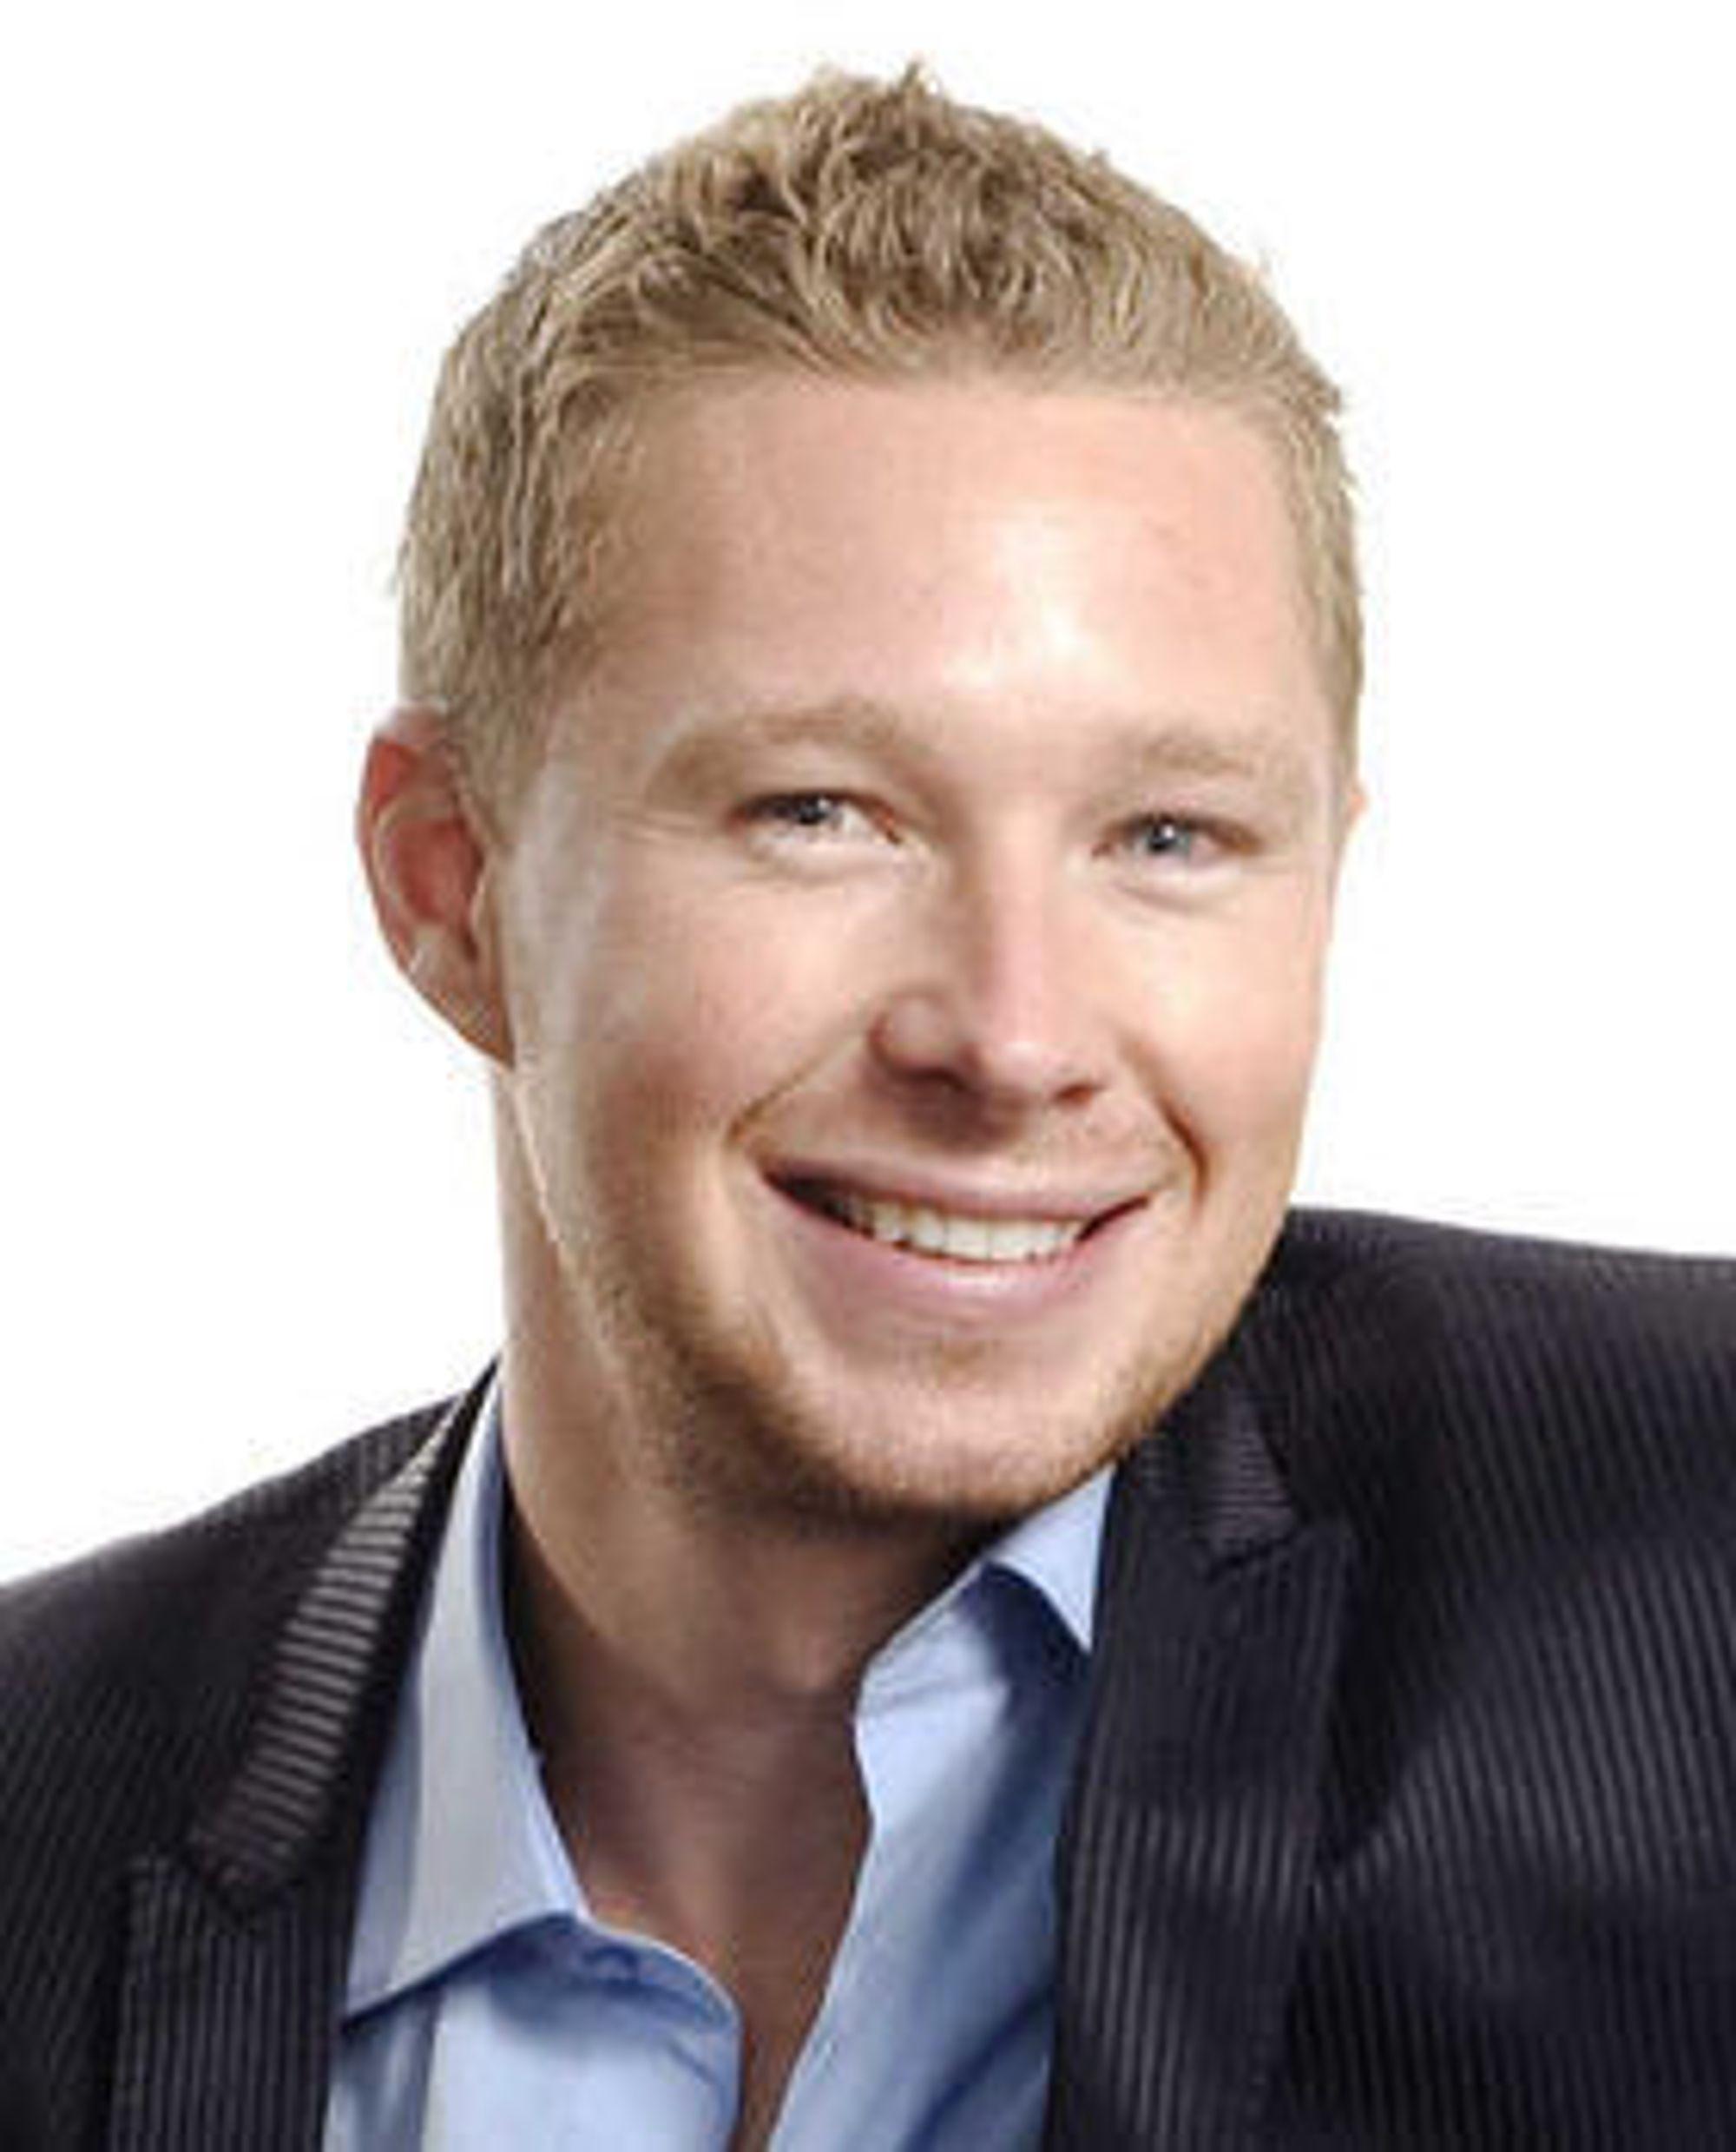 Adm.dir Alexander Hagerup flytter til Sverige for å drive utvidelsen av virksomheten mot nye markeder.